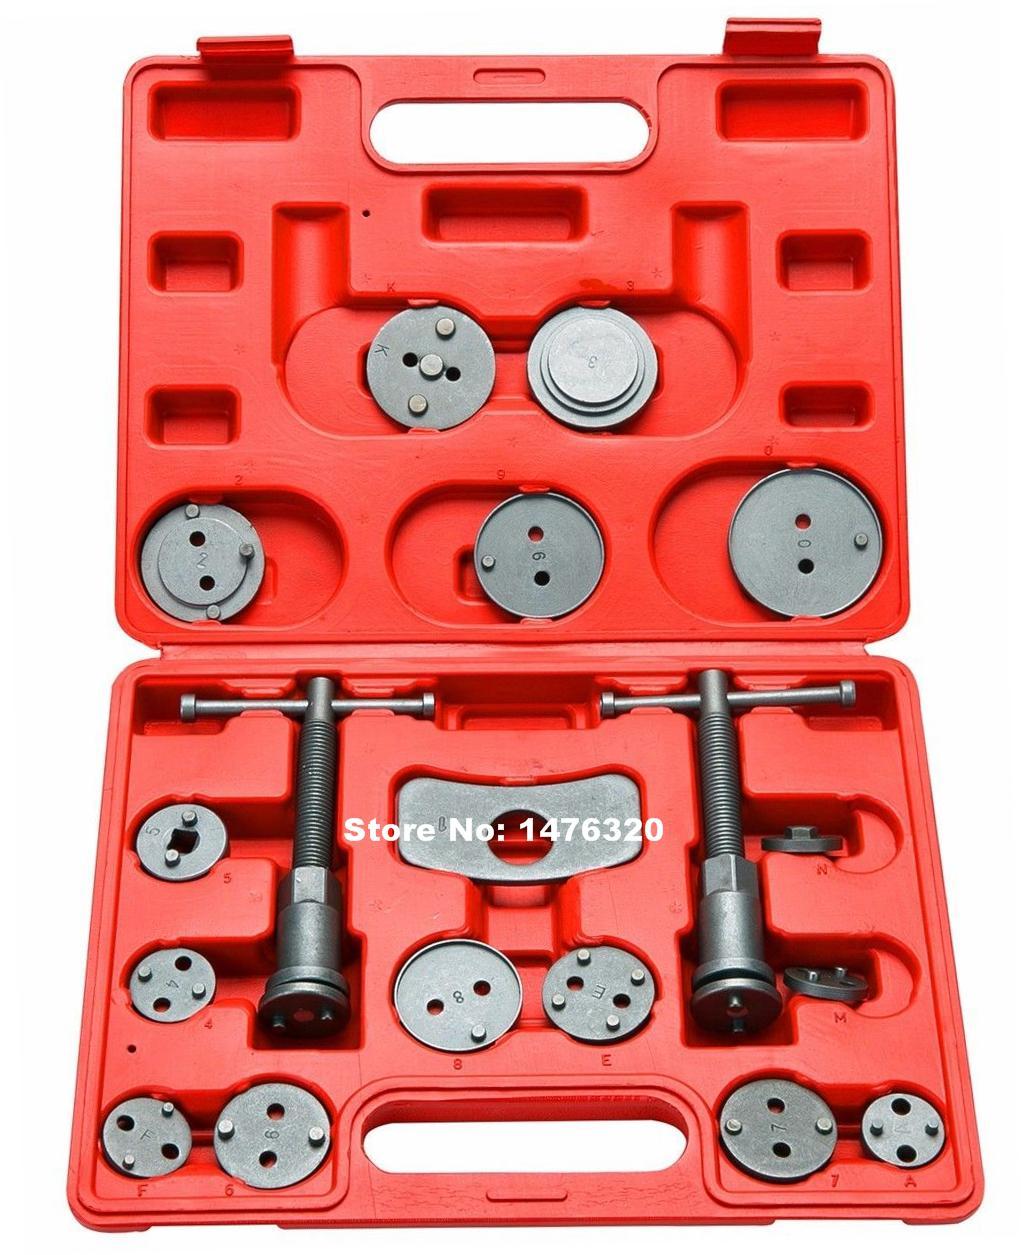 18PC voiture vent-arrière disque étrier frein Piston compresseur outil de retrait Kit de réparation de frein outil Set AT2143